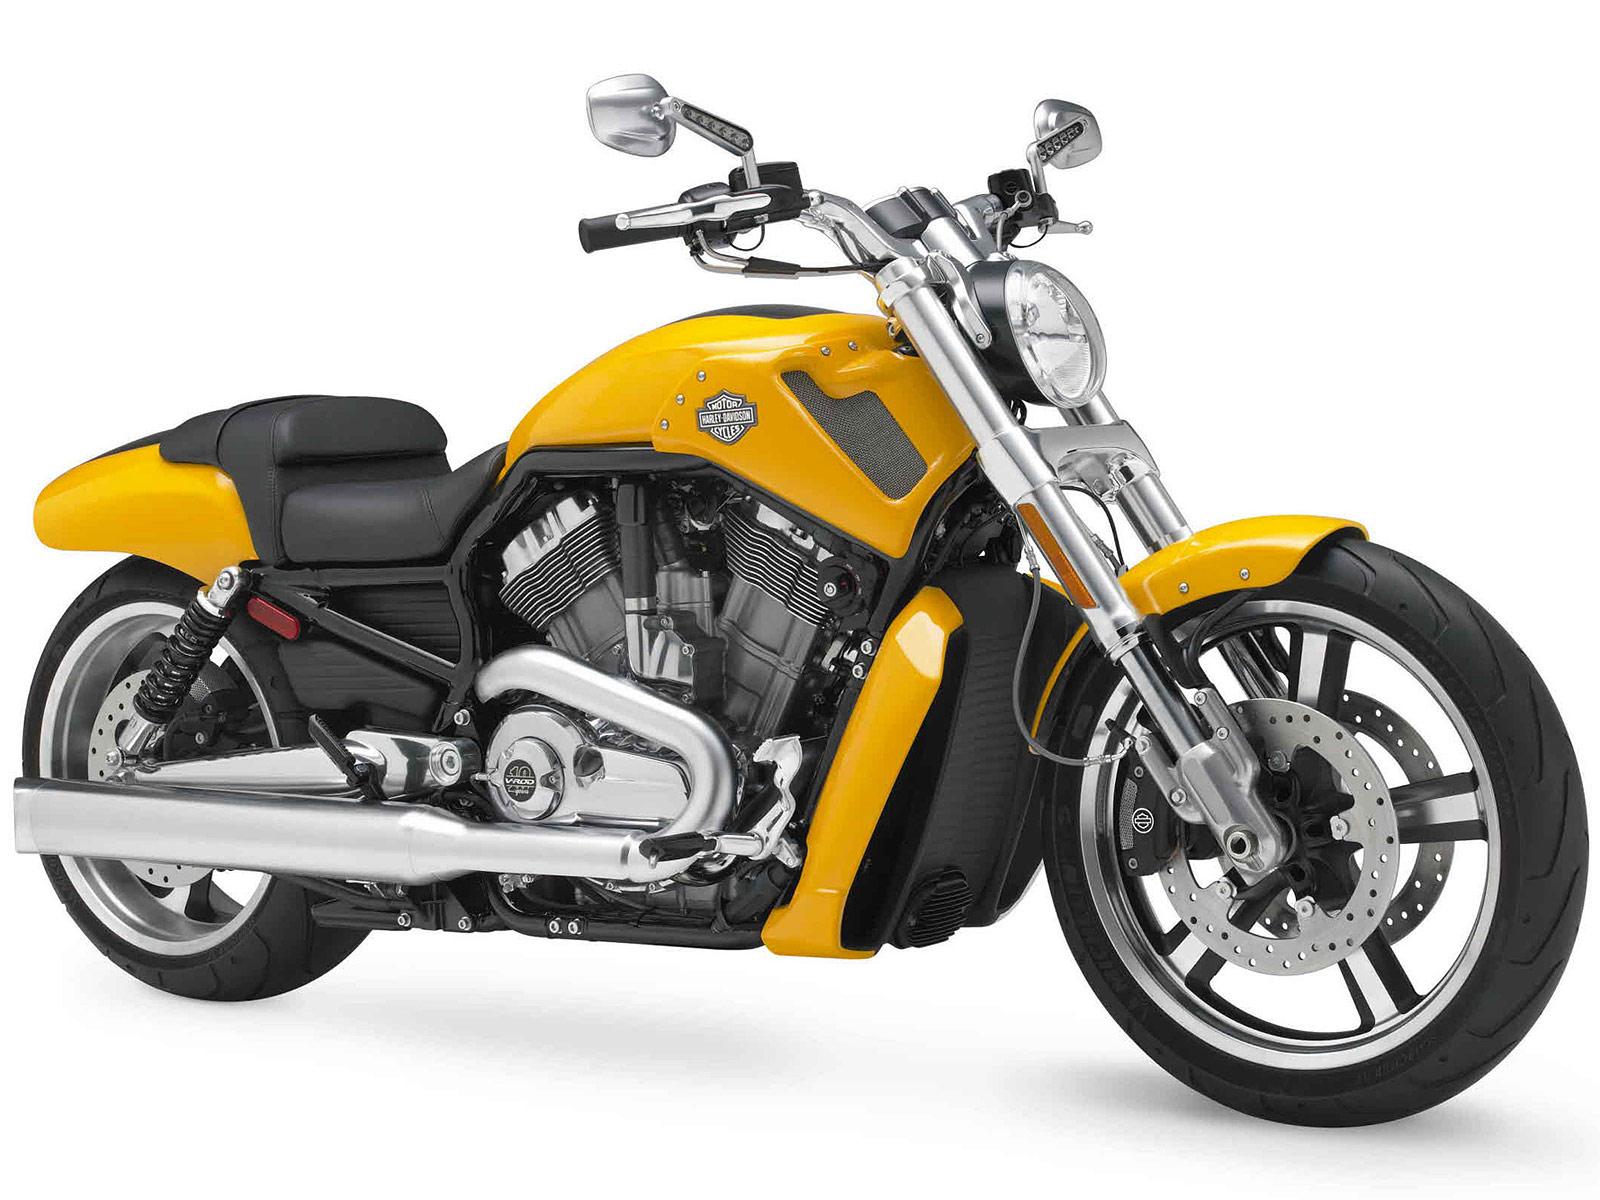 Harley Davidson 2012: 2012 Harley-Davidson VRSCF V-Rod Muscle